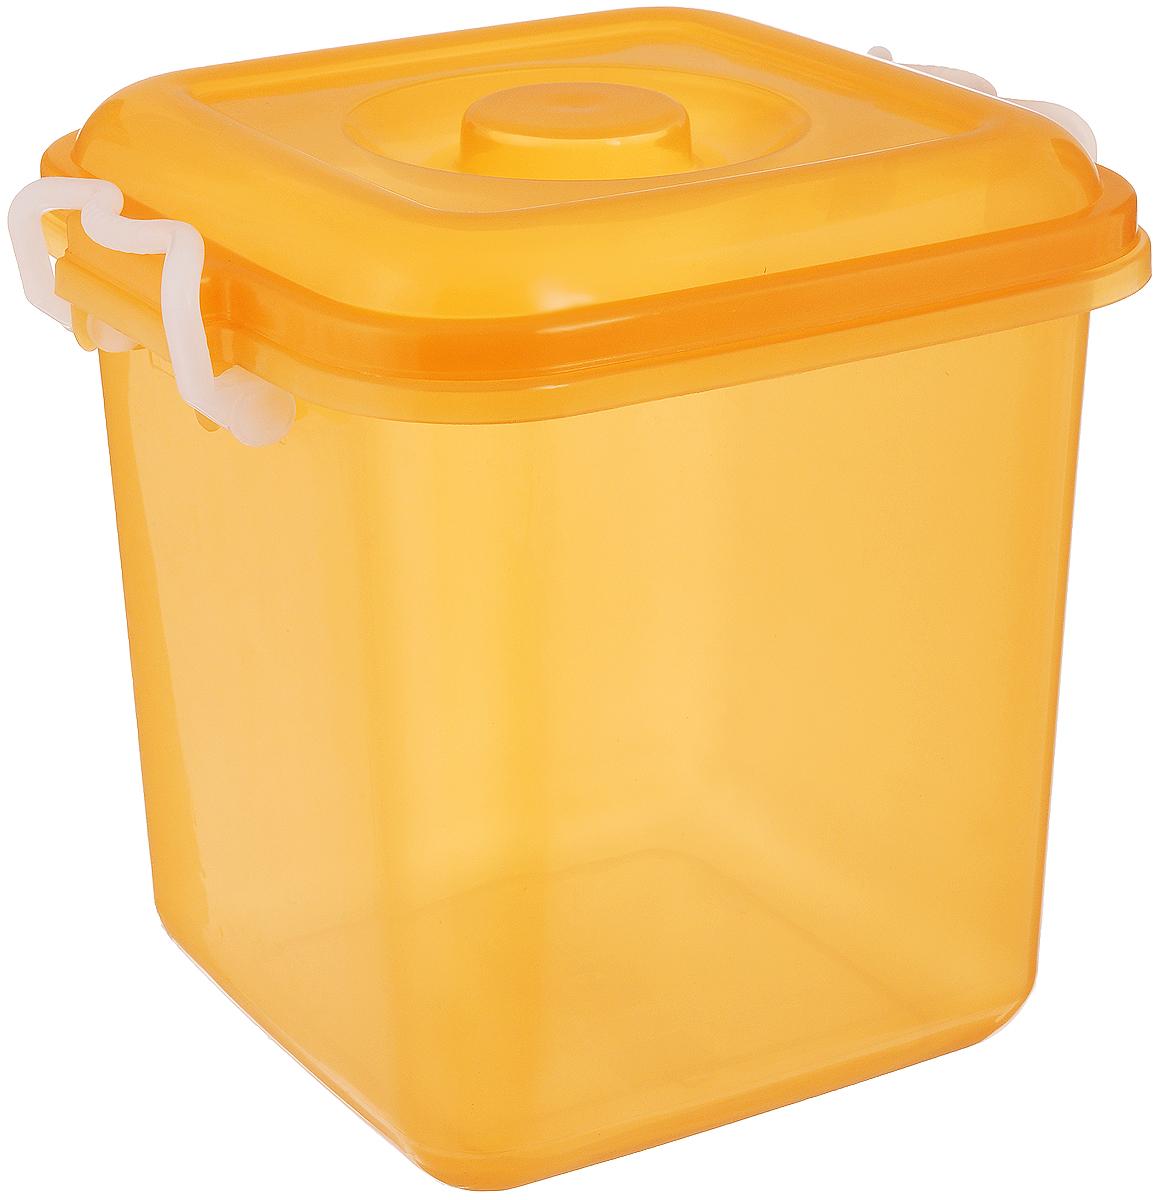 Контейнер для хранения Idea Океаник, цвет: оранжевый, 10 лМ 2857Контейнер Idea Океаник, выполненный из высококачественного пищевого полипропилена, предназначен для хранения различных вещей. Он снабжен плотно закрывающейся крышкой со специальными боковыми фиксаторами. Вместительный контейнер позволит сохранить ваши вещи в порядке, а герметичная крышка предотвратит случайное открывание, а также защитит содержимое от пыли и грязи.